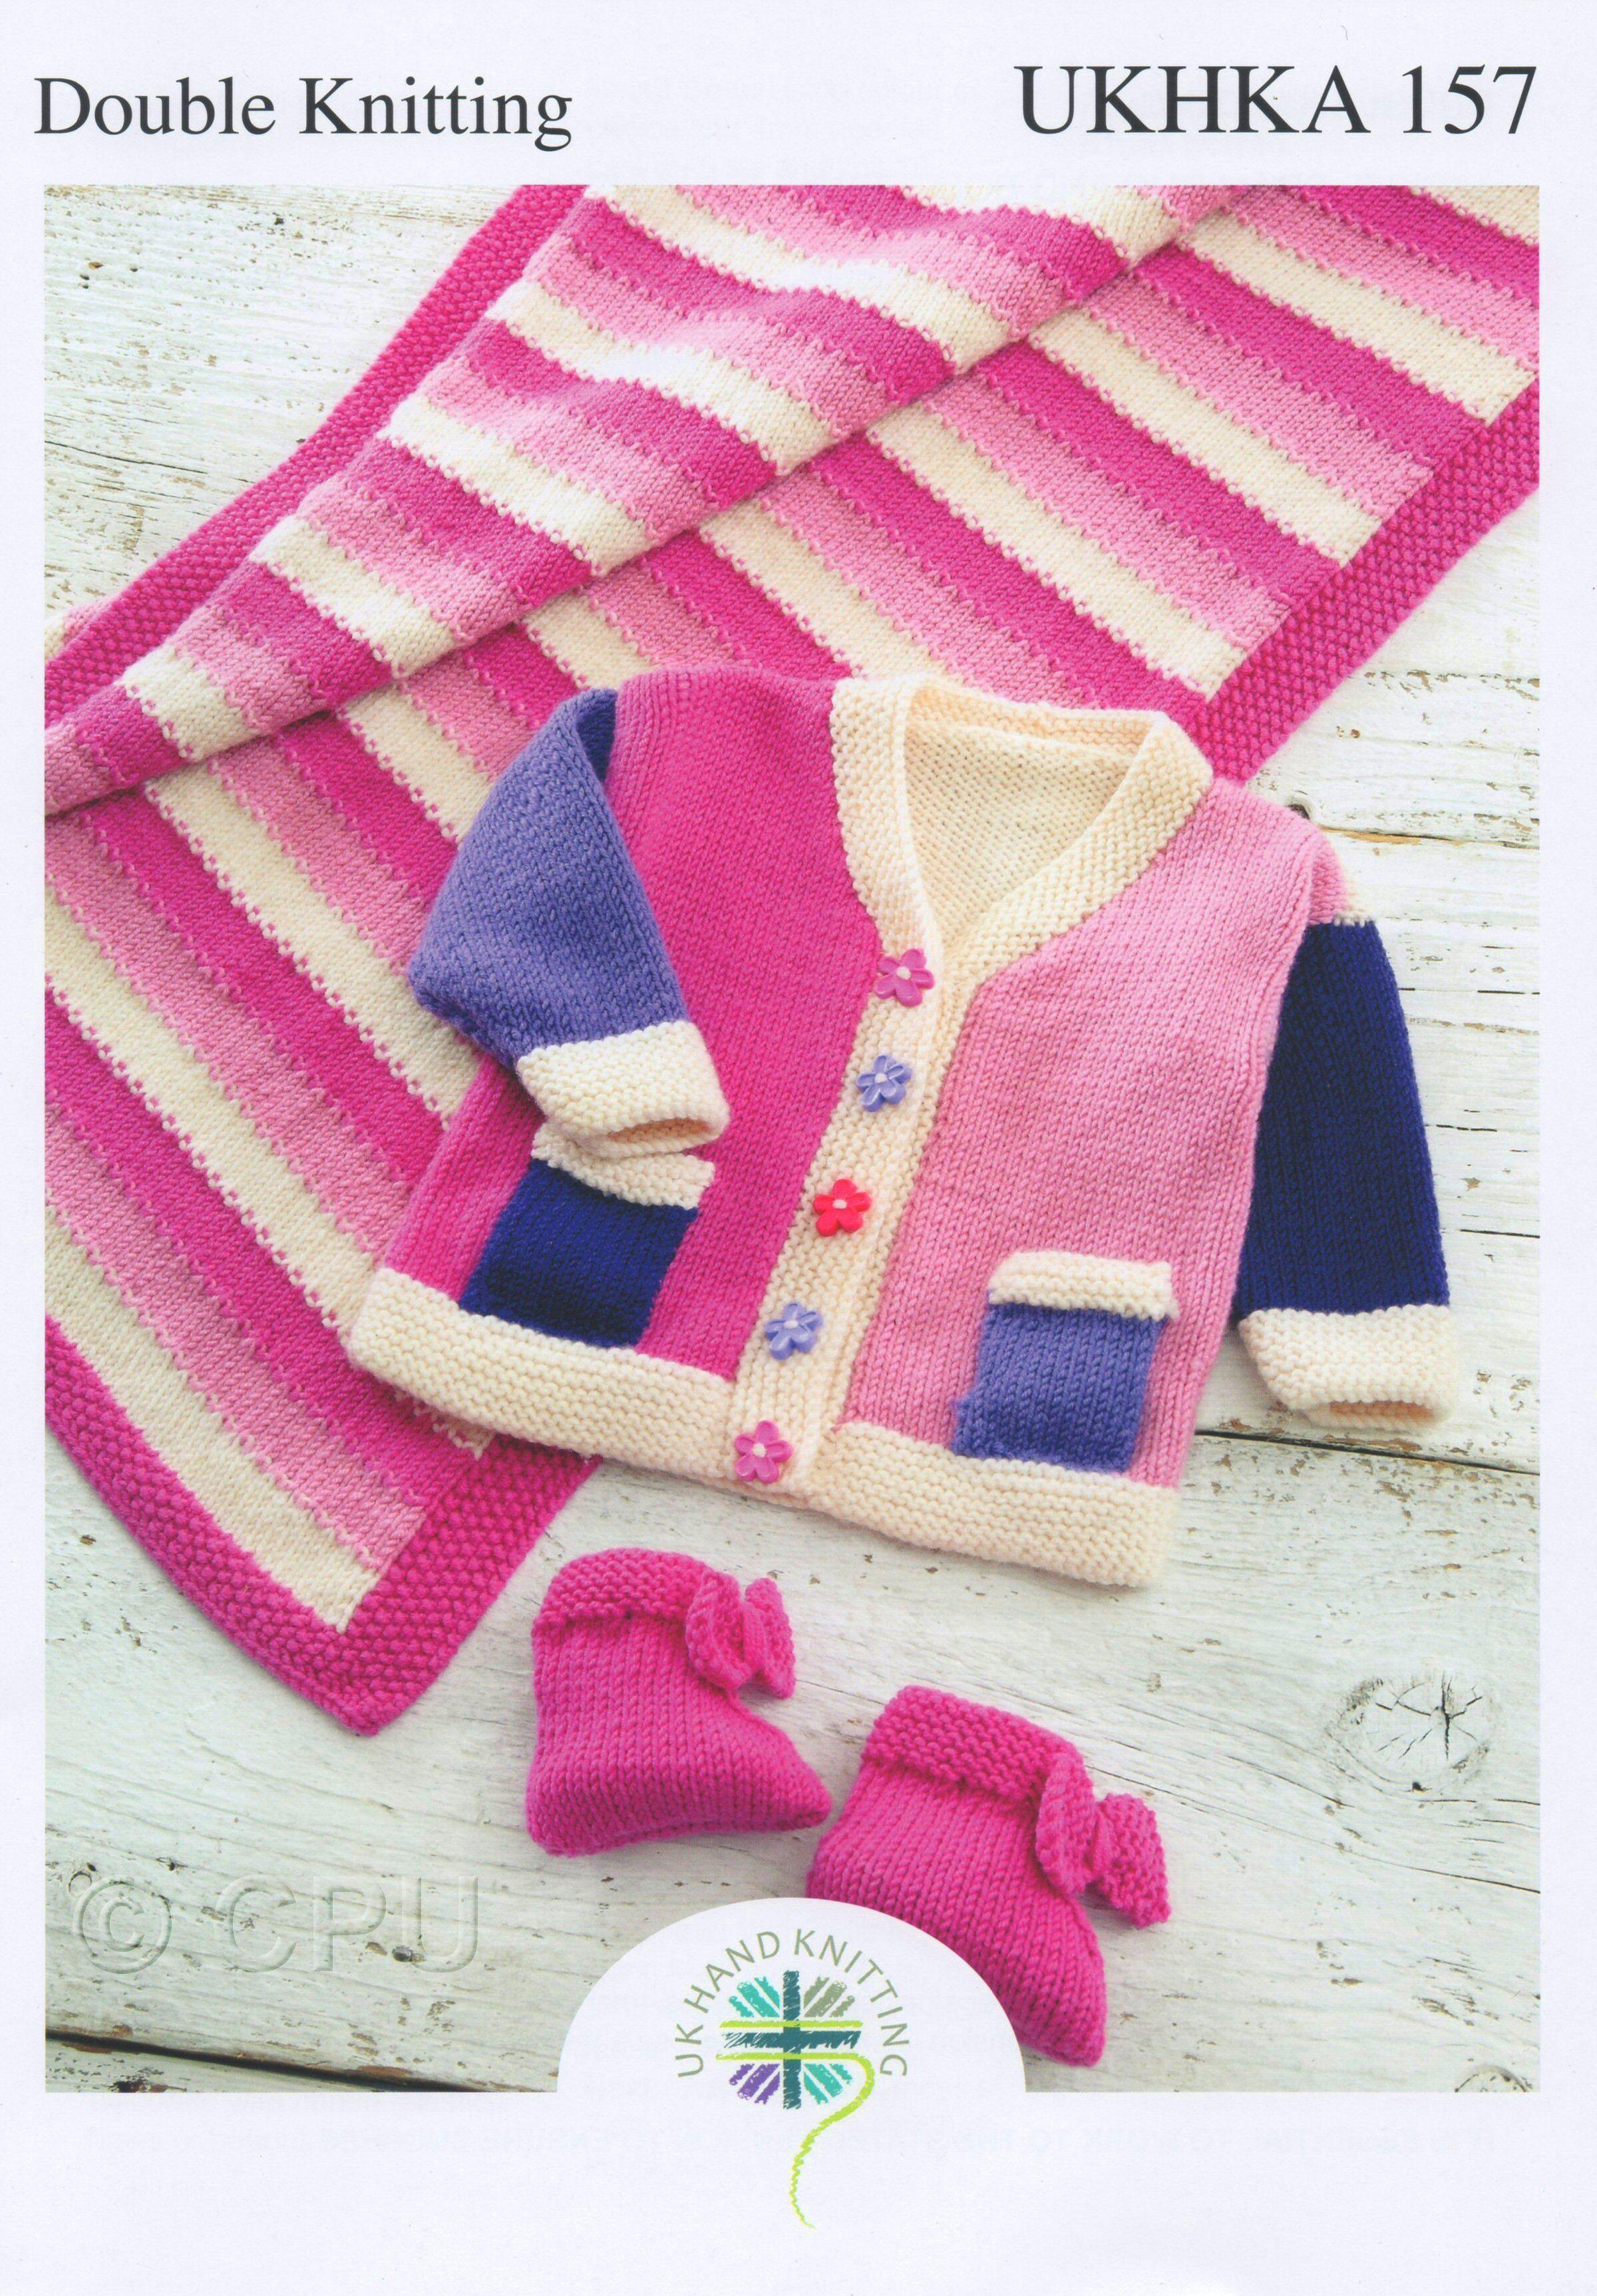 1c2eccbc1 UK Hand Knitting Association Pattern Leaflet UKHKA157 £2.30 Double Knit  Knitted Jacket